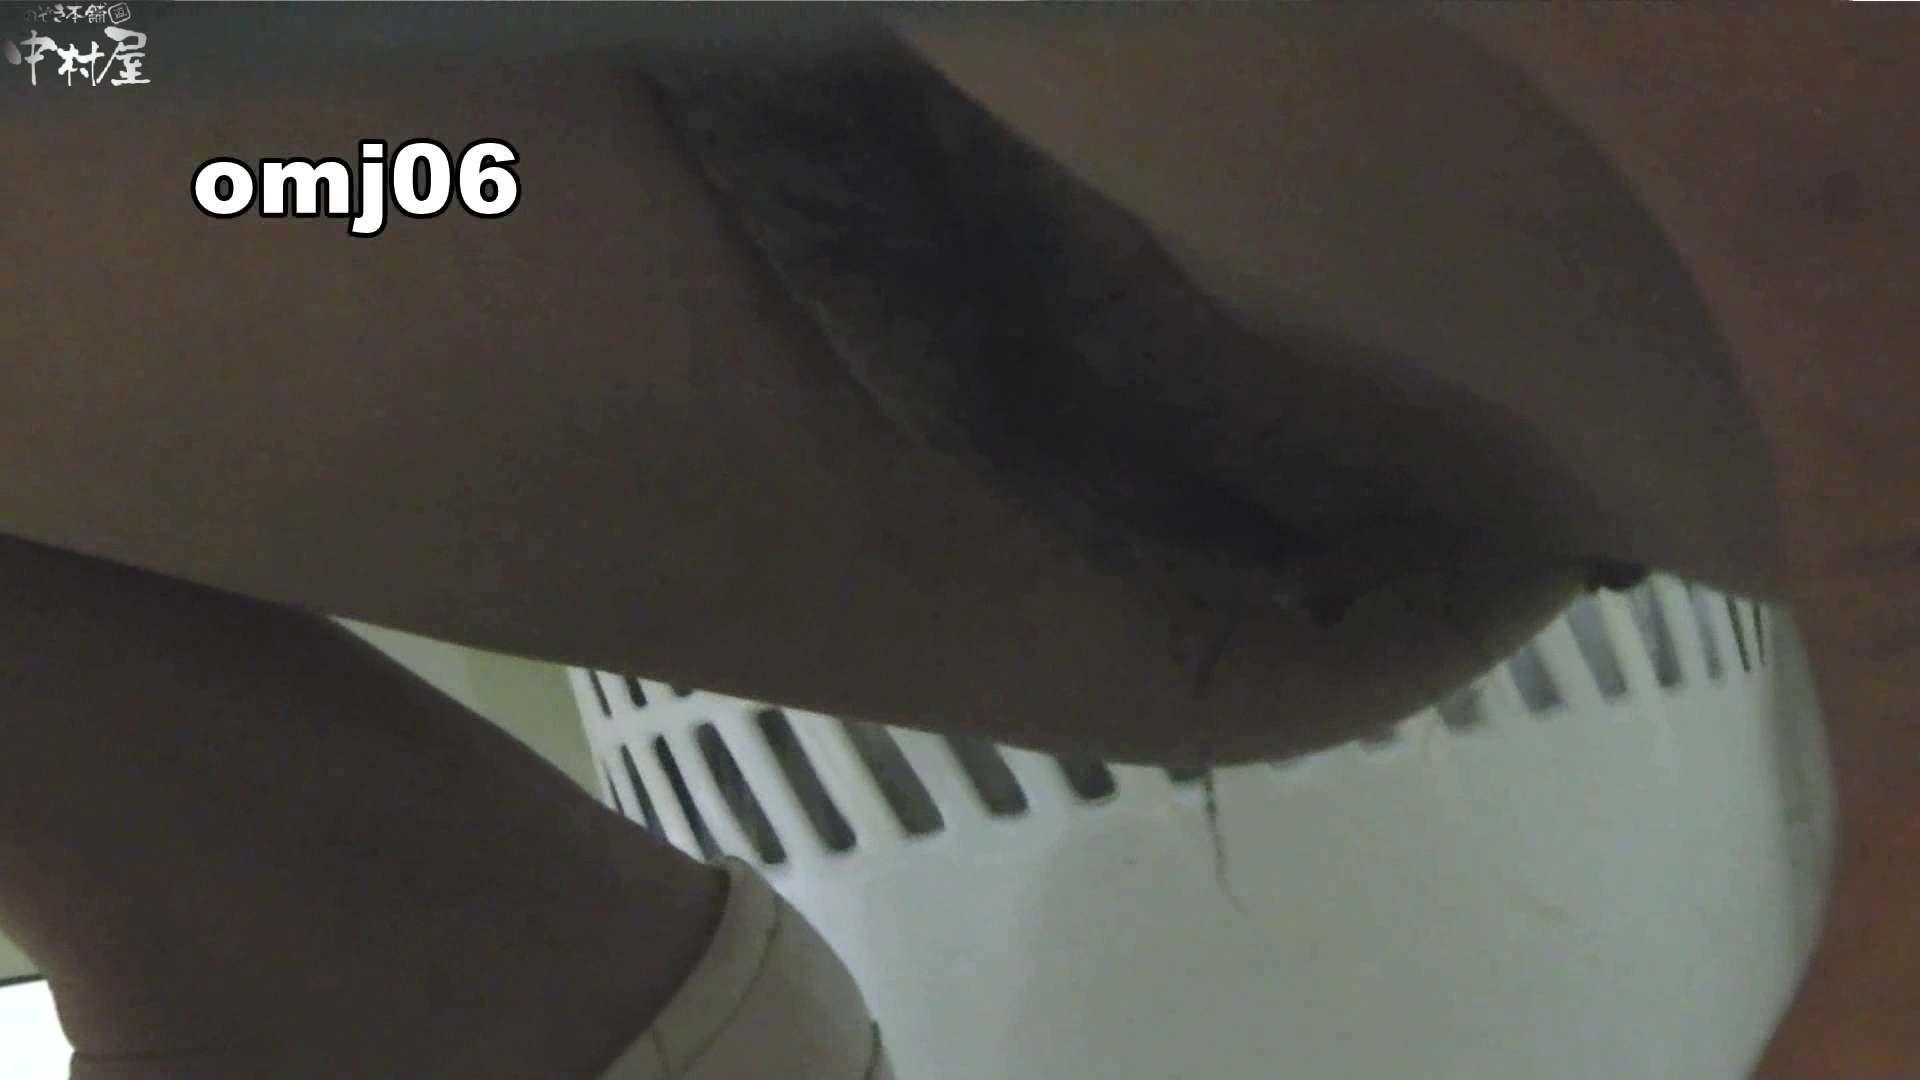 お市さんの「お尻丸出しジャンボリー」No.06 覗き放題 盗み撮りAV無料動画キャプチャ 49画像 44